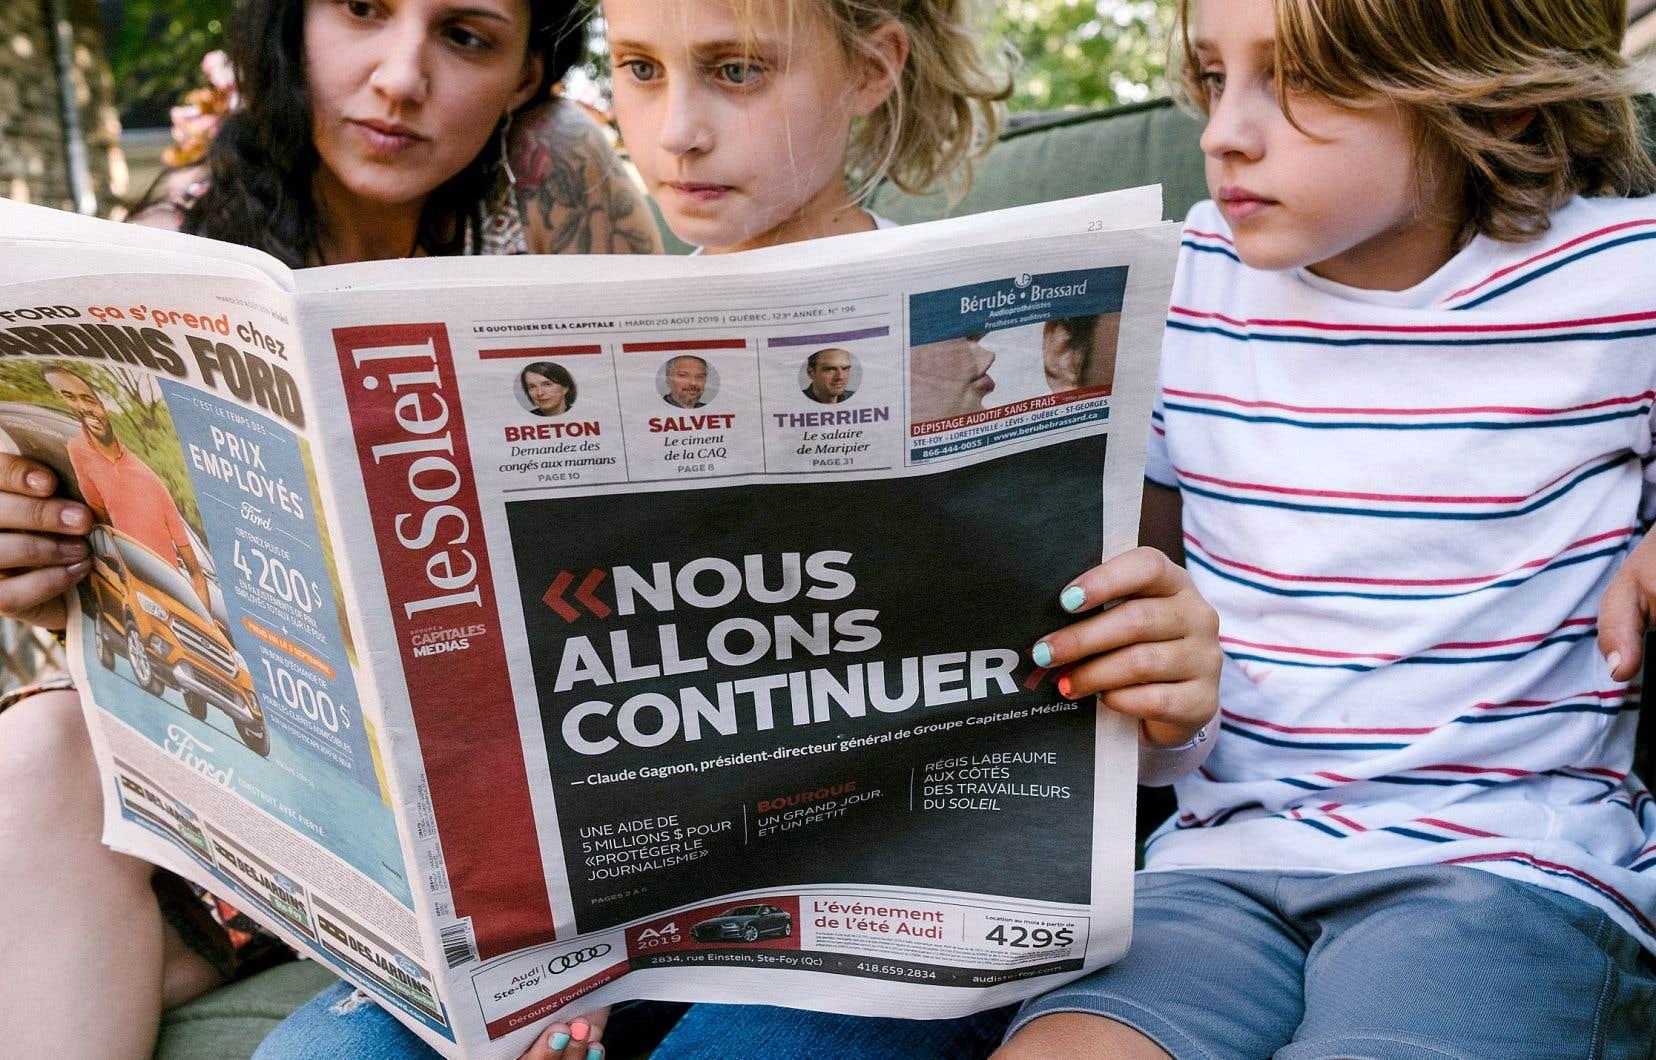 Le quotidien <em>Le Soleil</em> a consacré une large part de sa page une de mardi aux difficultés financières du groupe auquel il appartient.